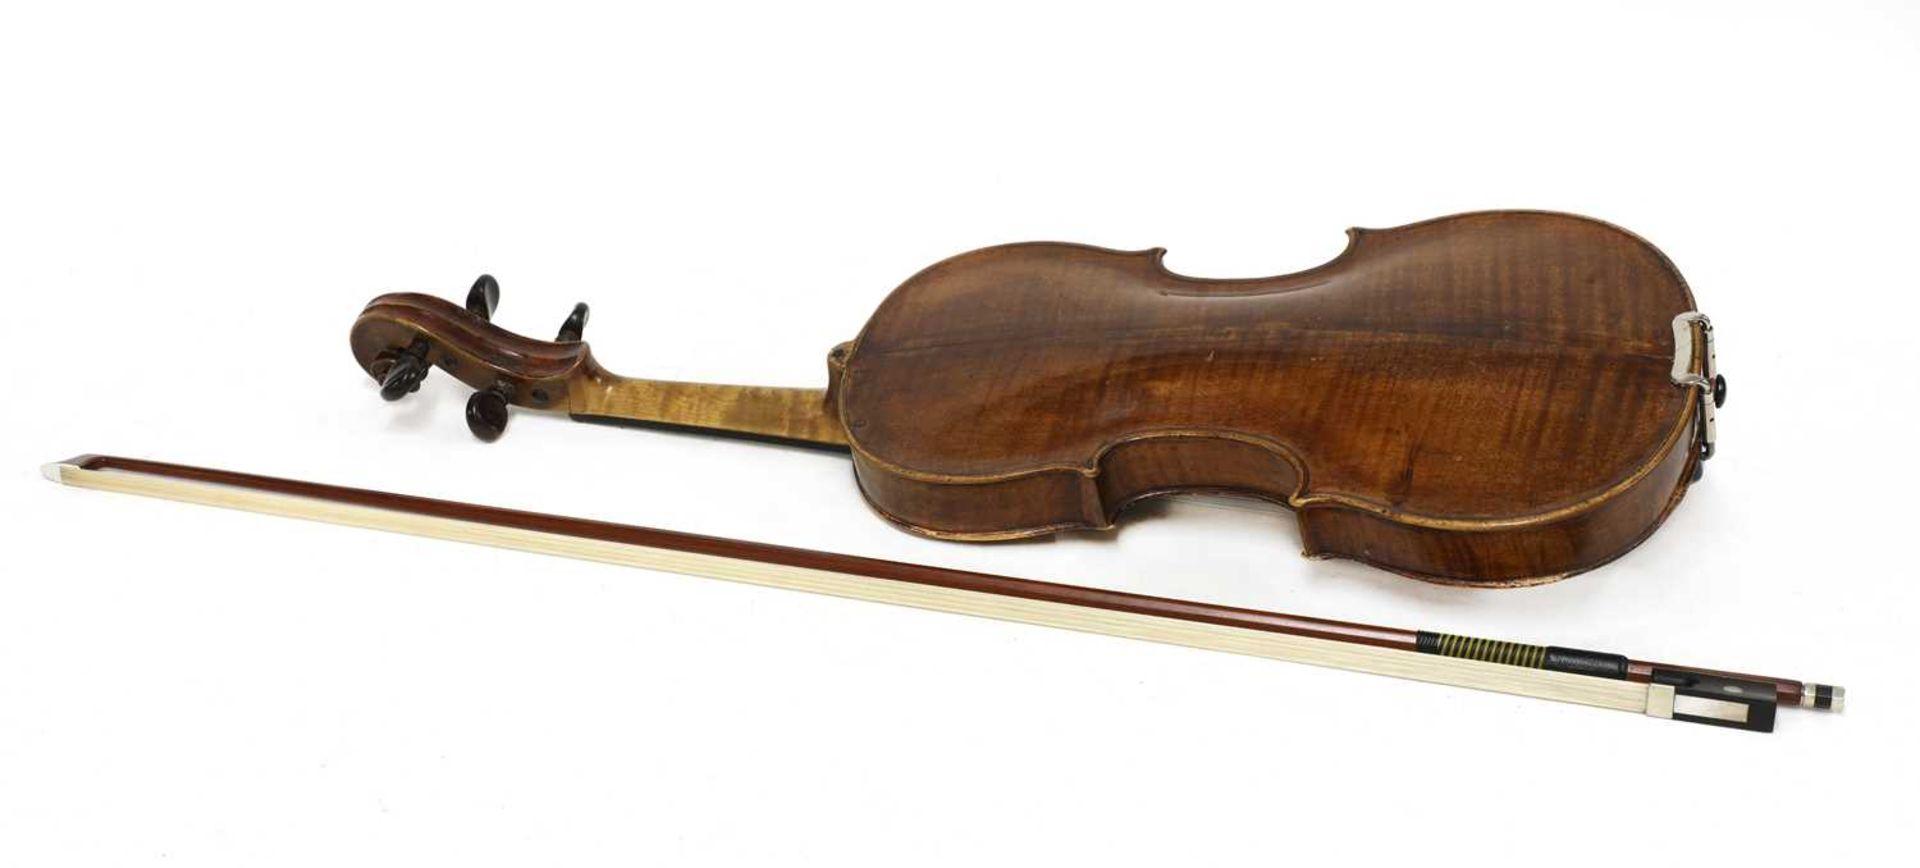 A violin, - Image 6 of 6